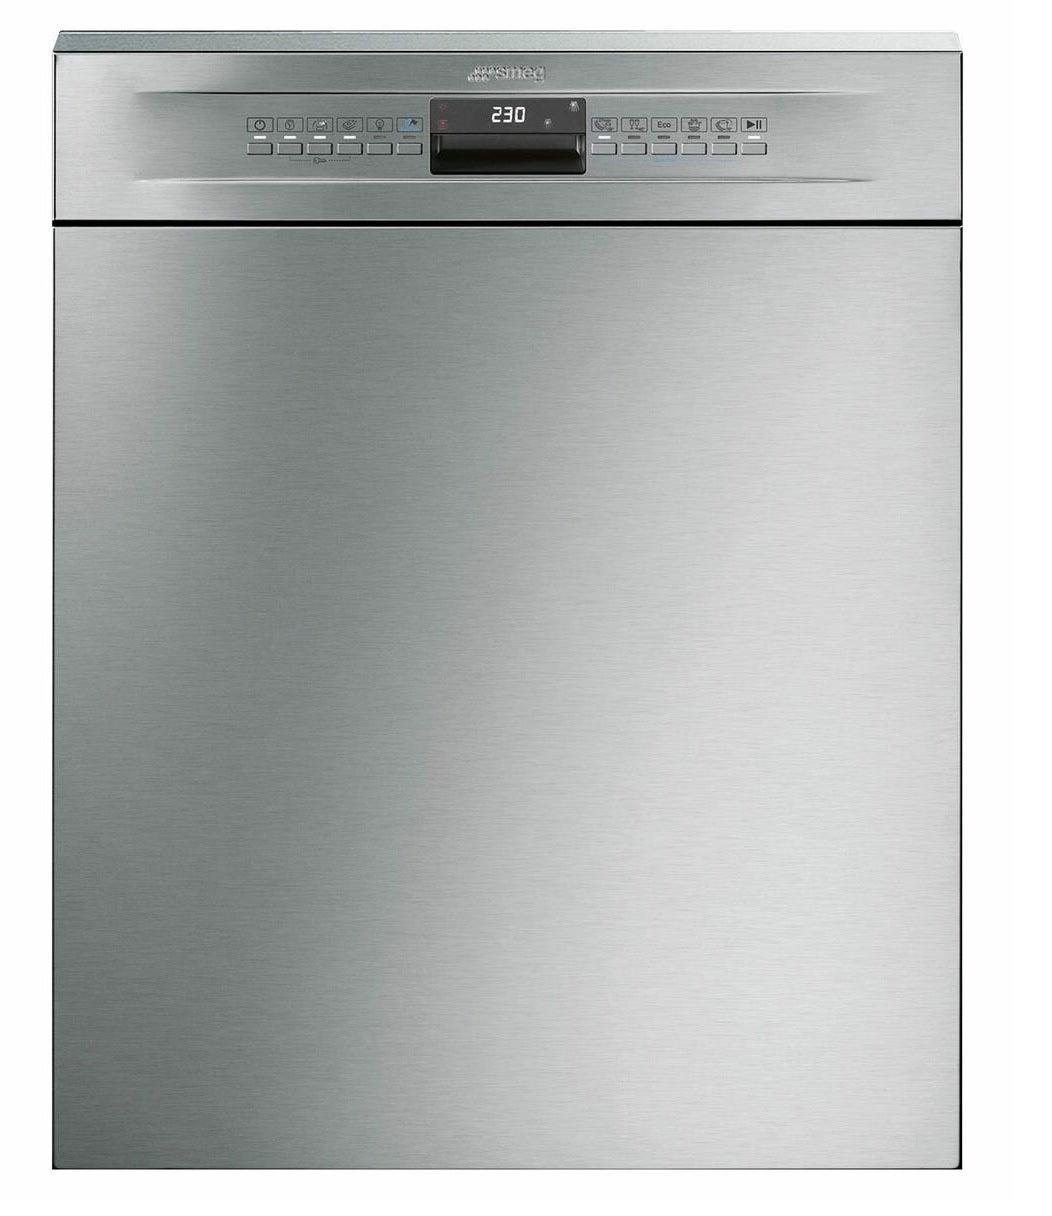 Smeg DWAU6315X2 Dishwasher